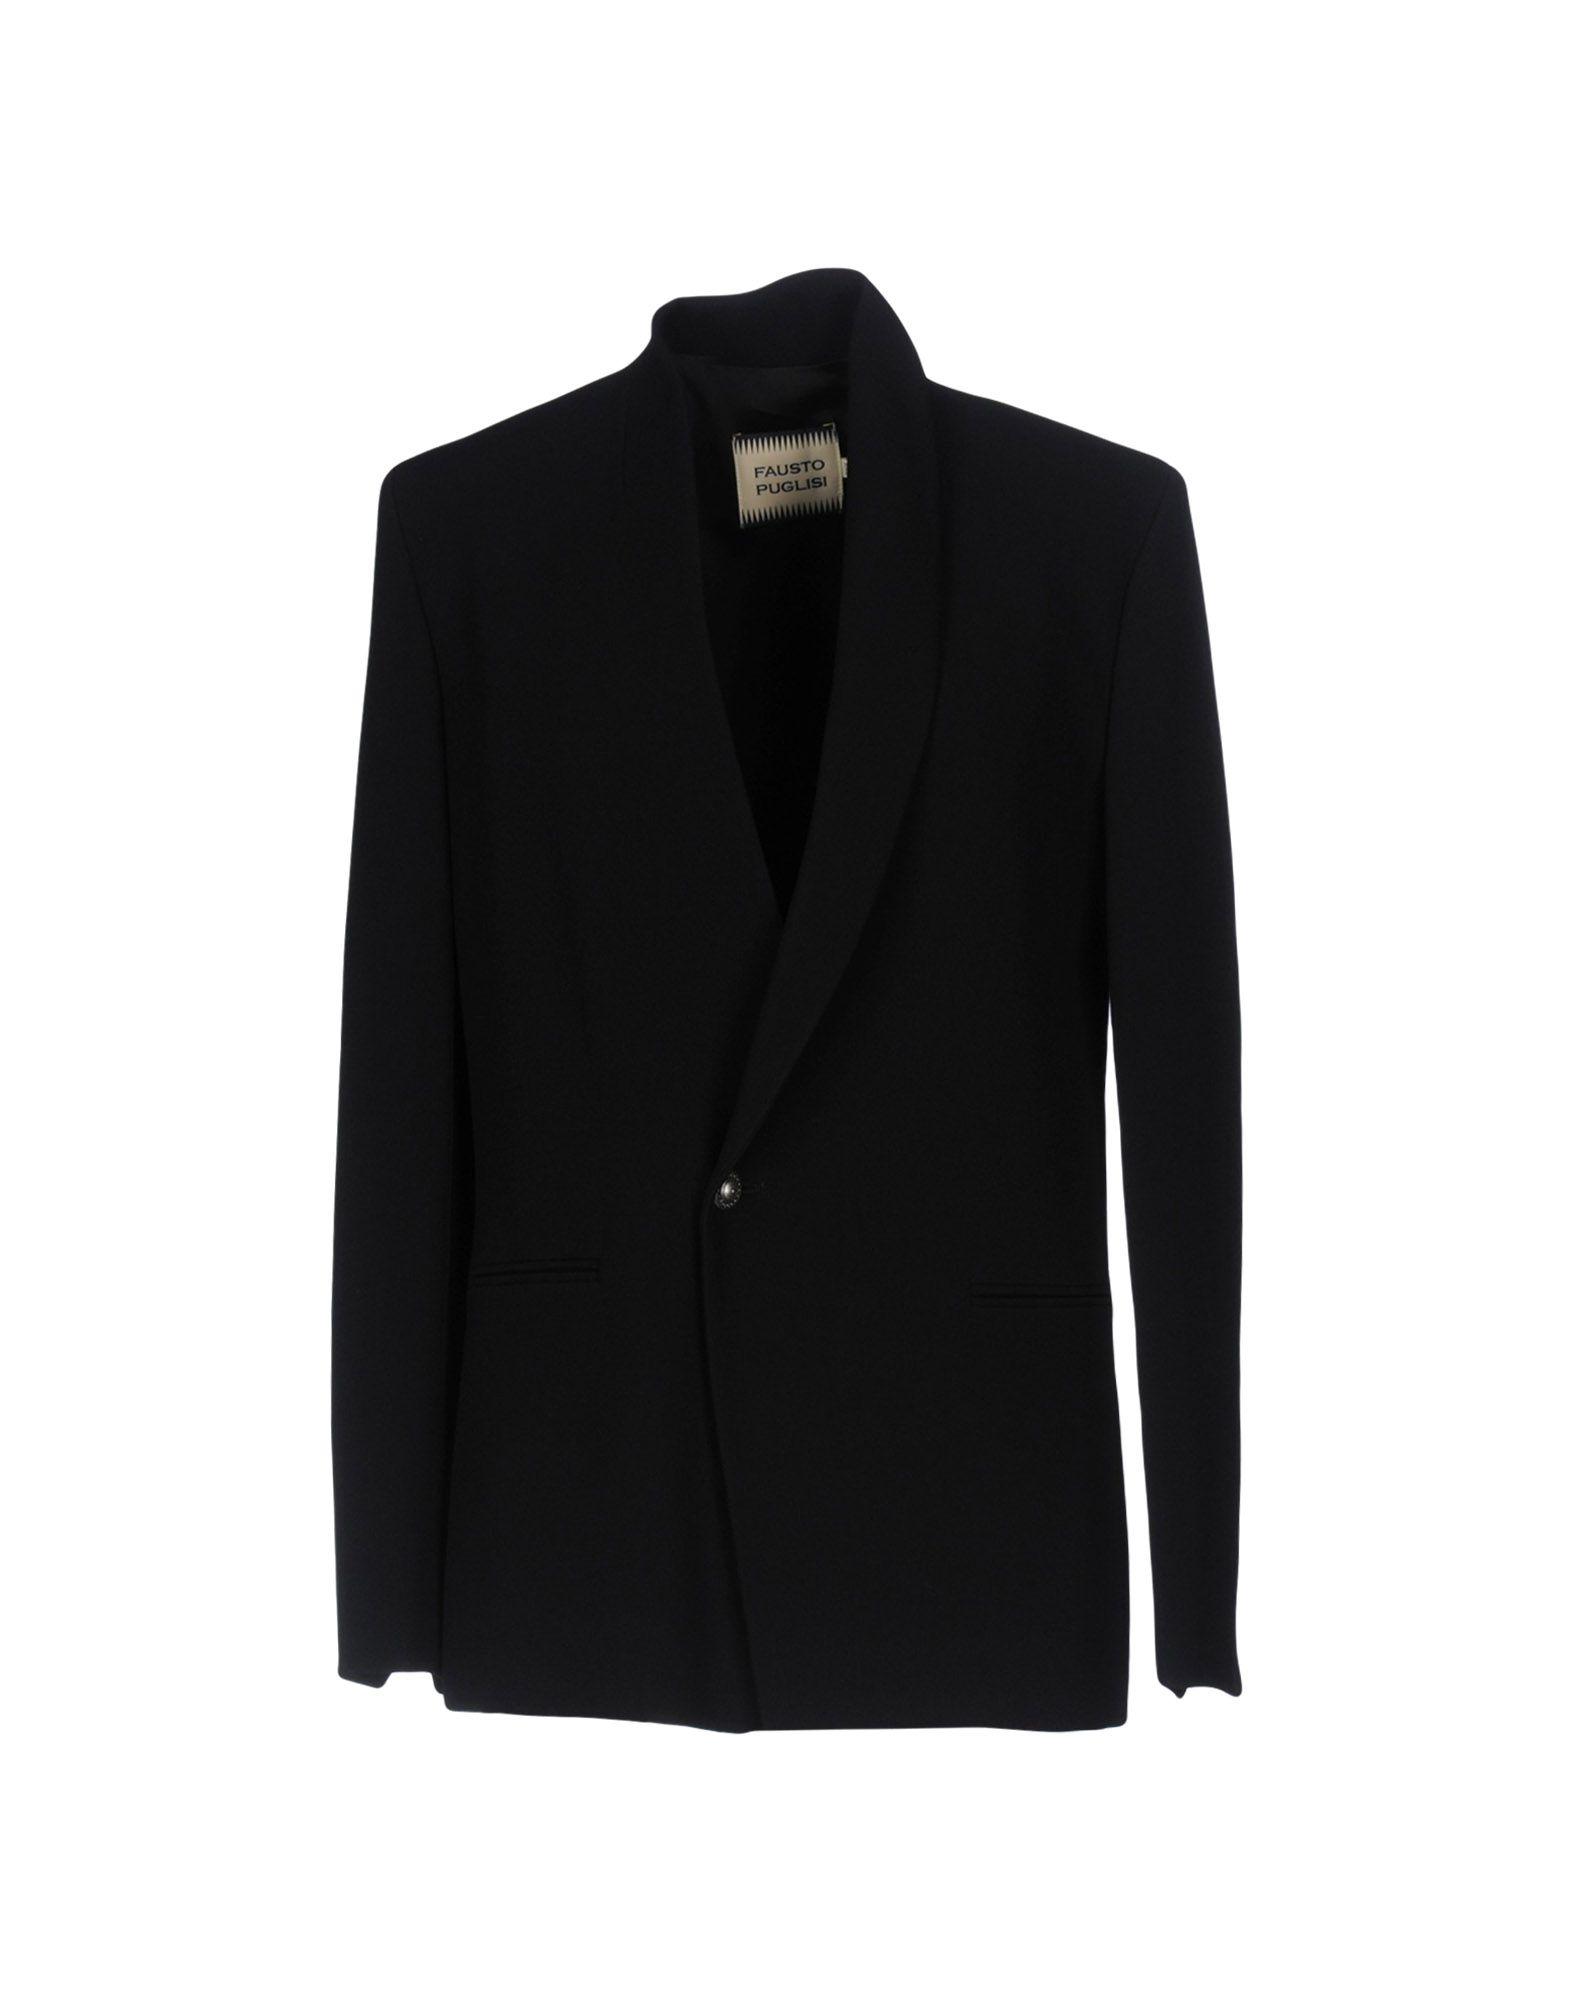 《セール開催中》FAUSTO PUGLISI レディース テーラードジャケット ブラック 44 アセテート 79% / レーヨン 21%